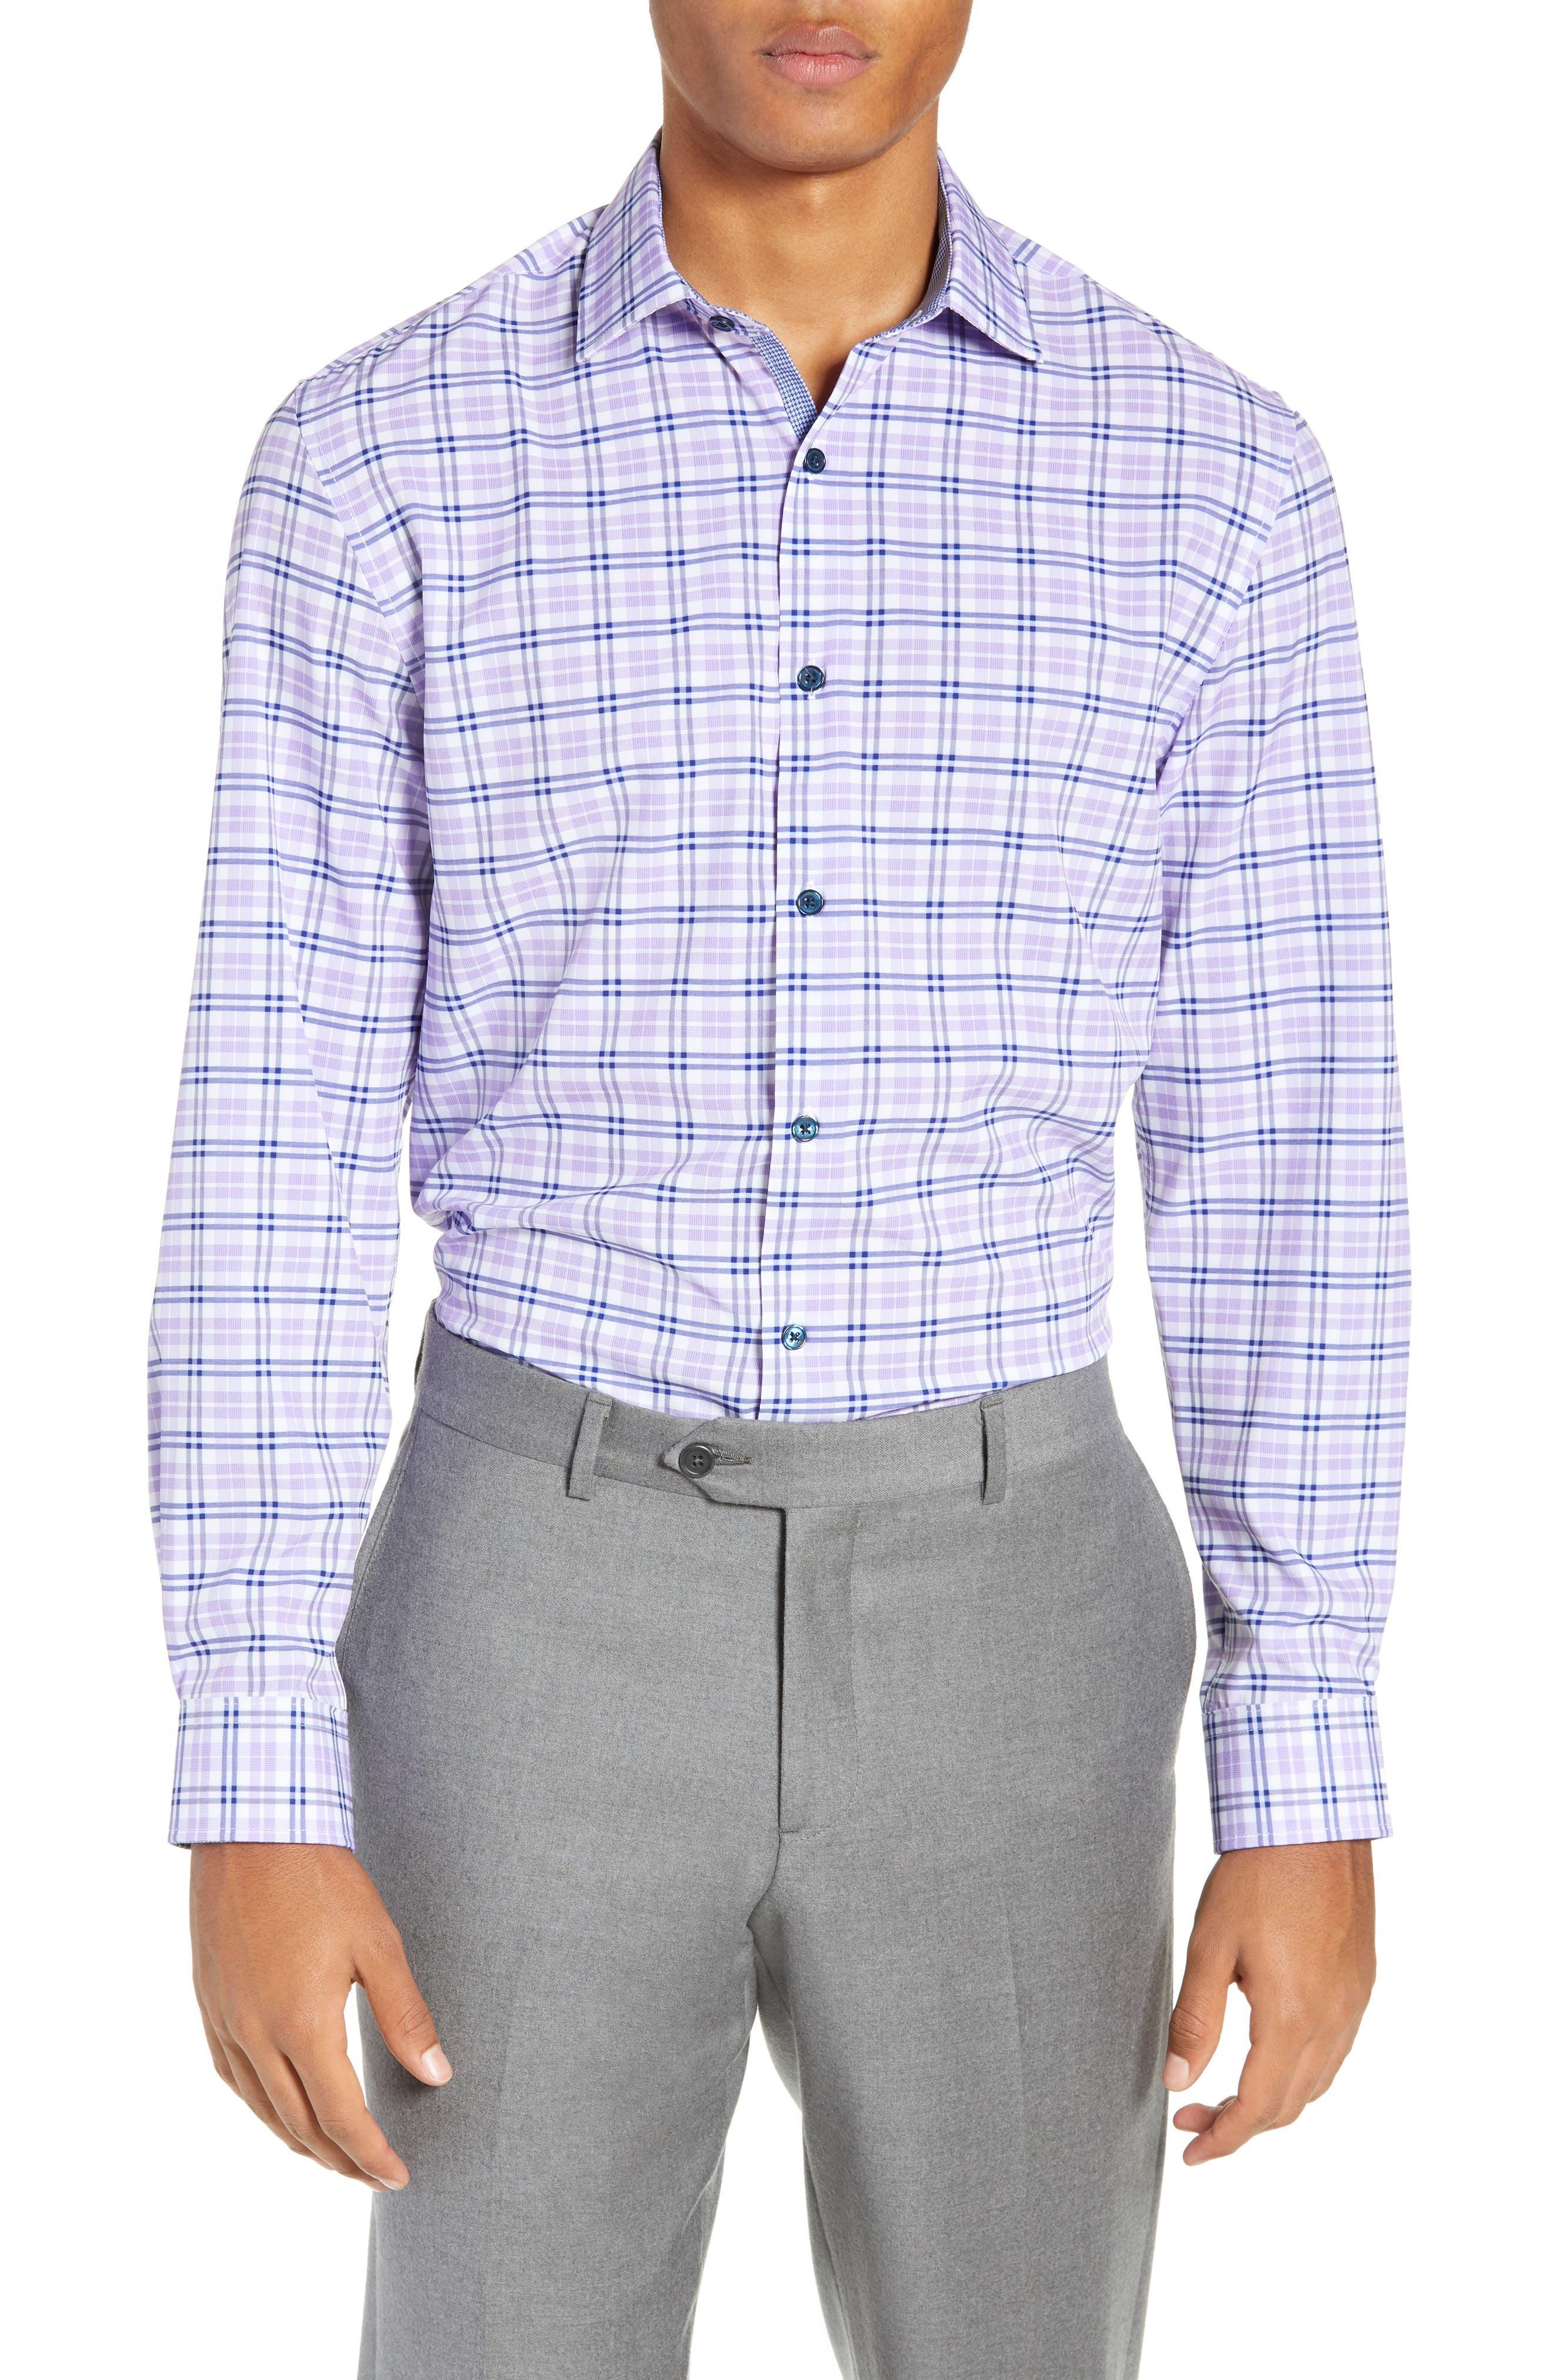 Trim Fit 4-Way Stretch Plaid Dress Shirt,                             Main thumbnail 1, color,                             PURPLE